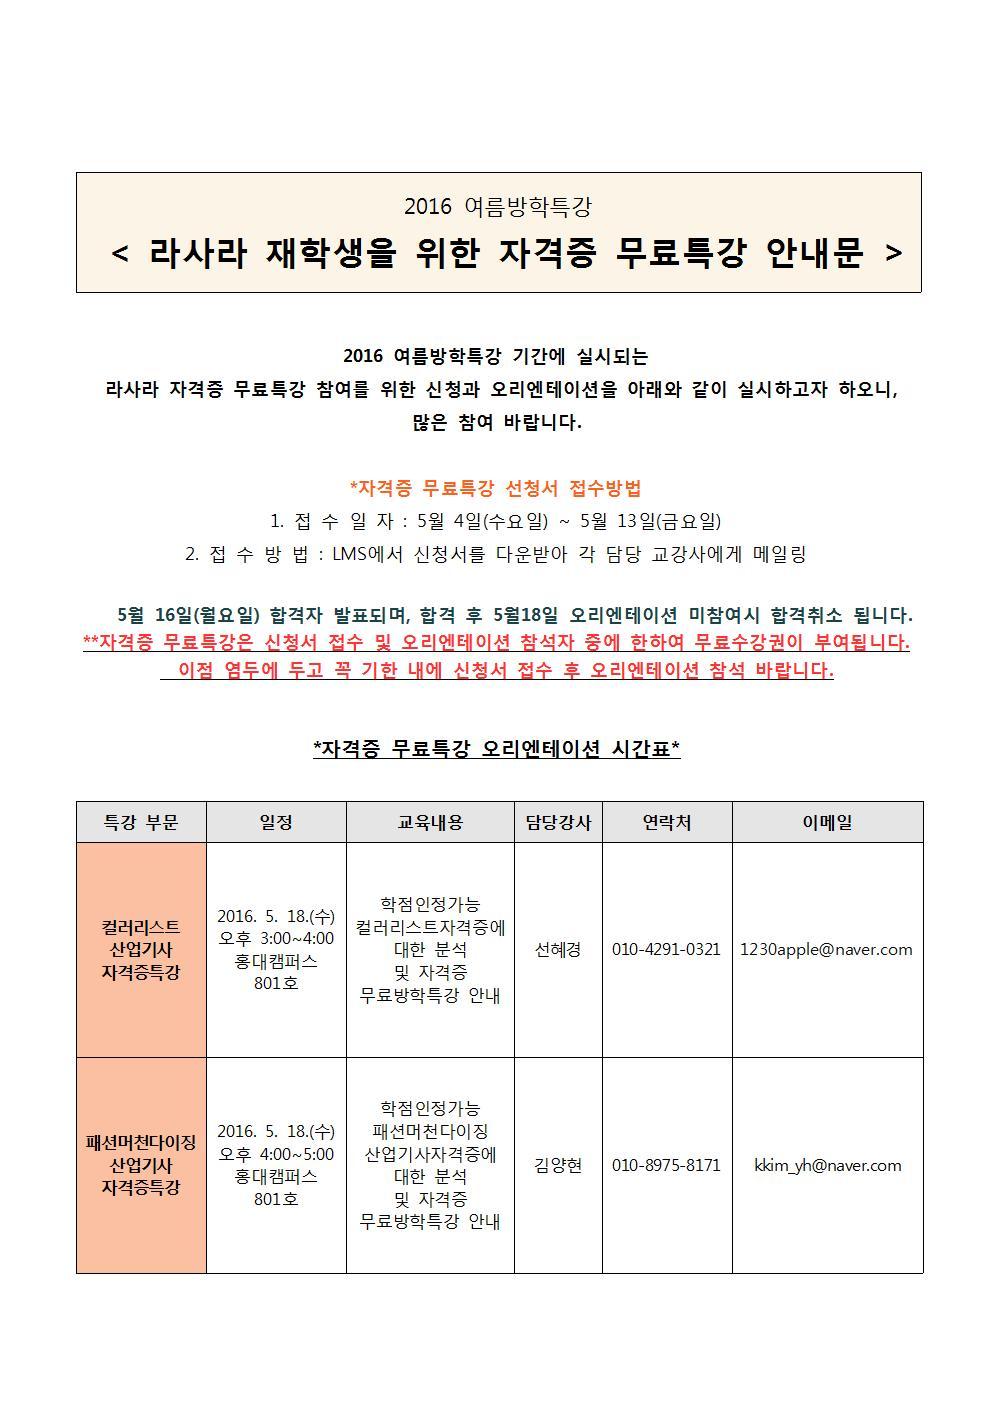 2016 여름방학 라사라 자격증 무료특강 안내